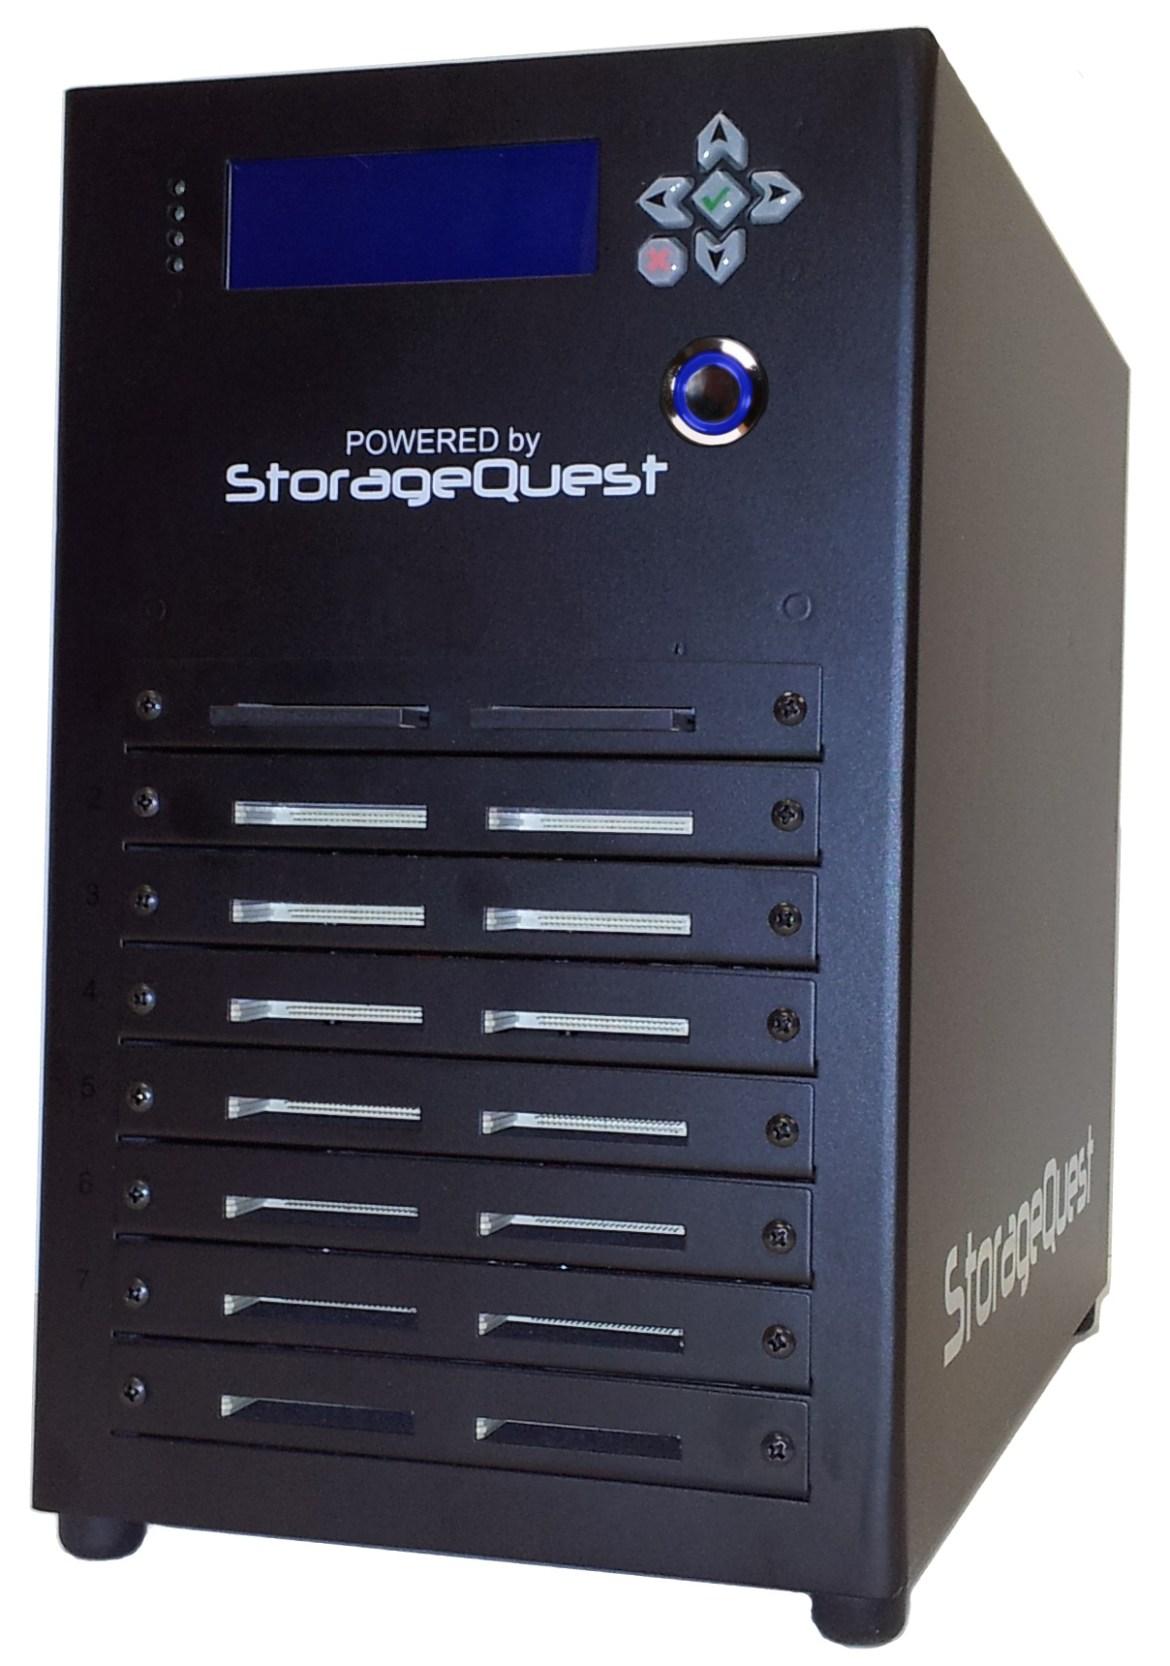 StorageQuest Flash Storage Appliance